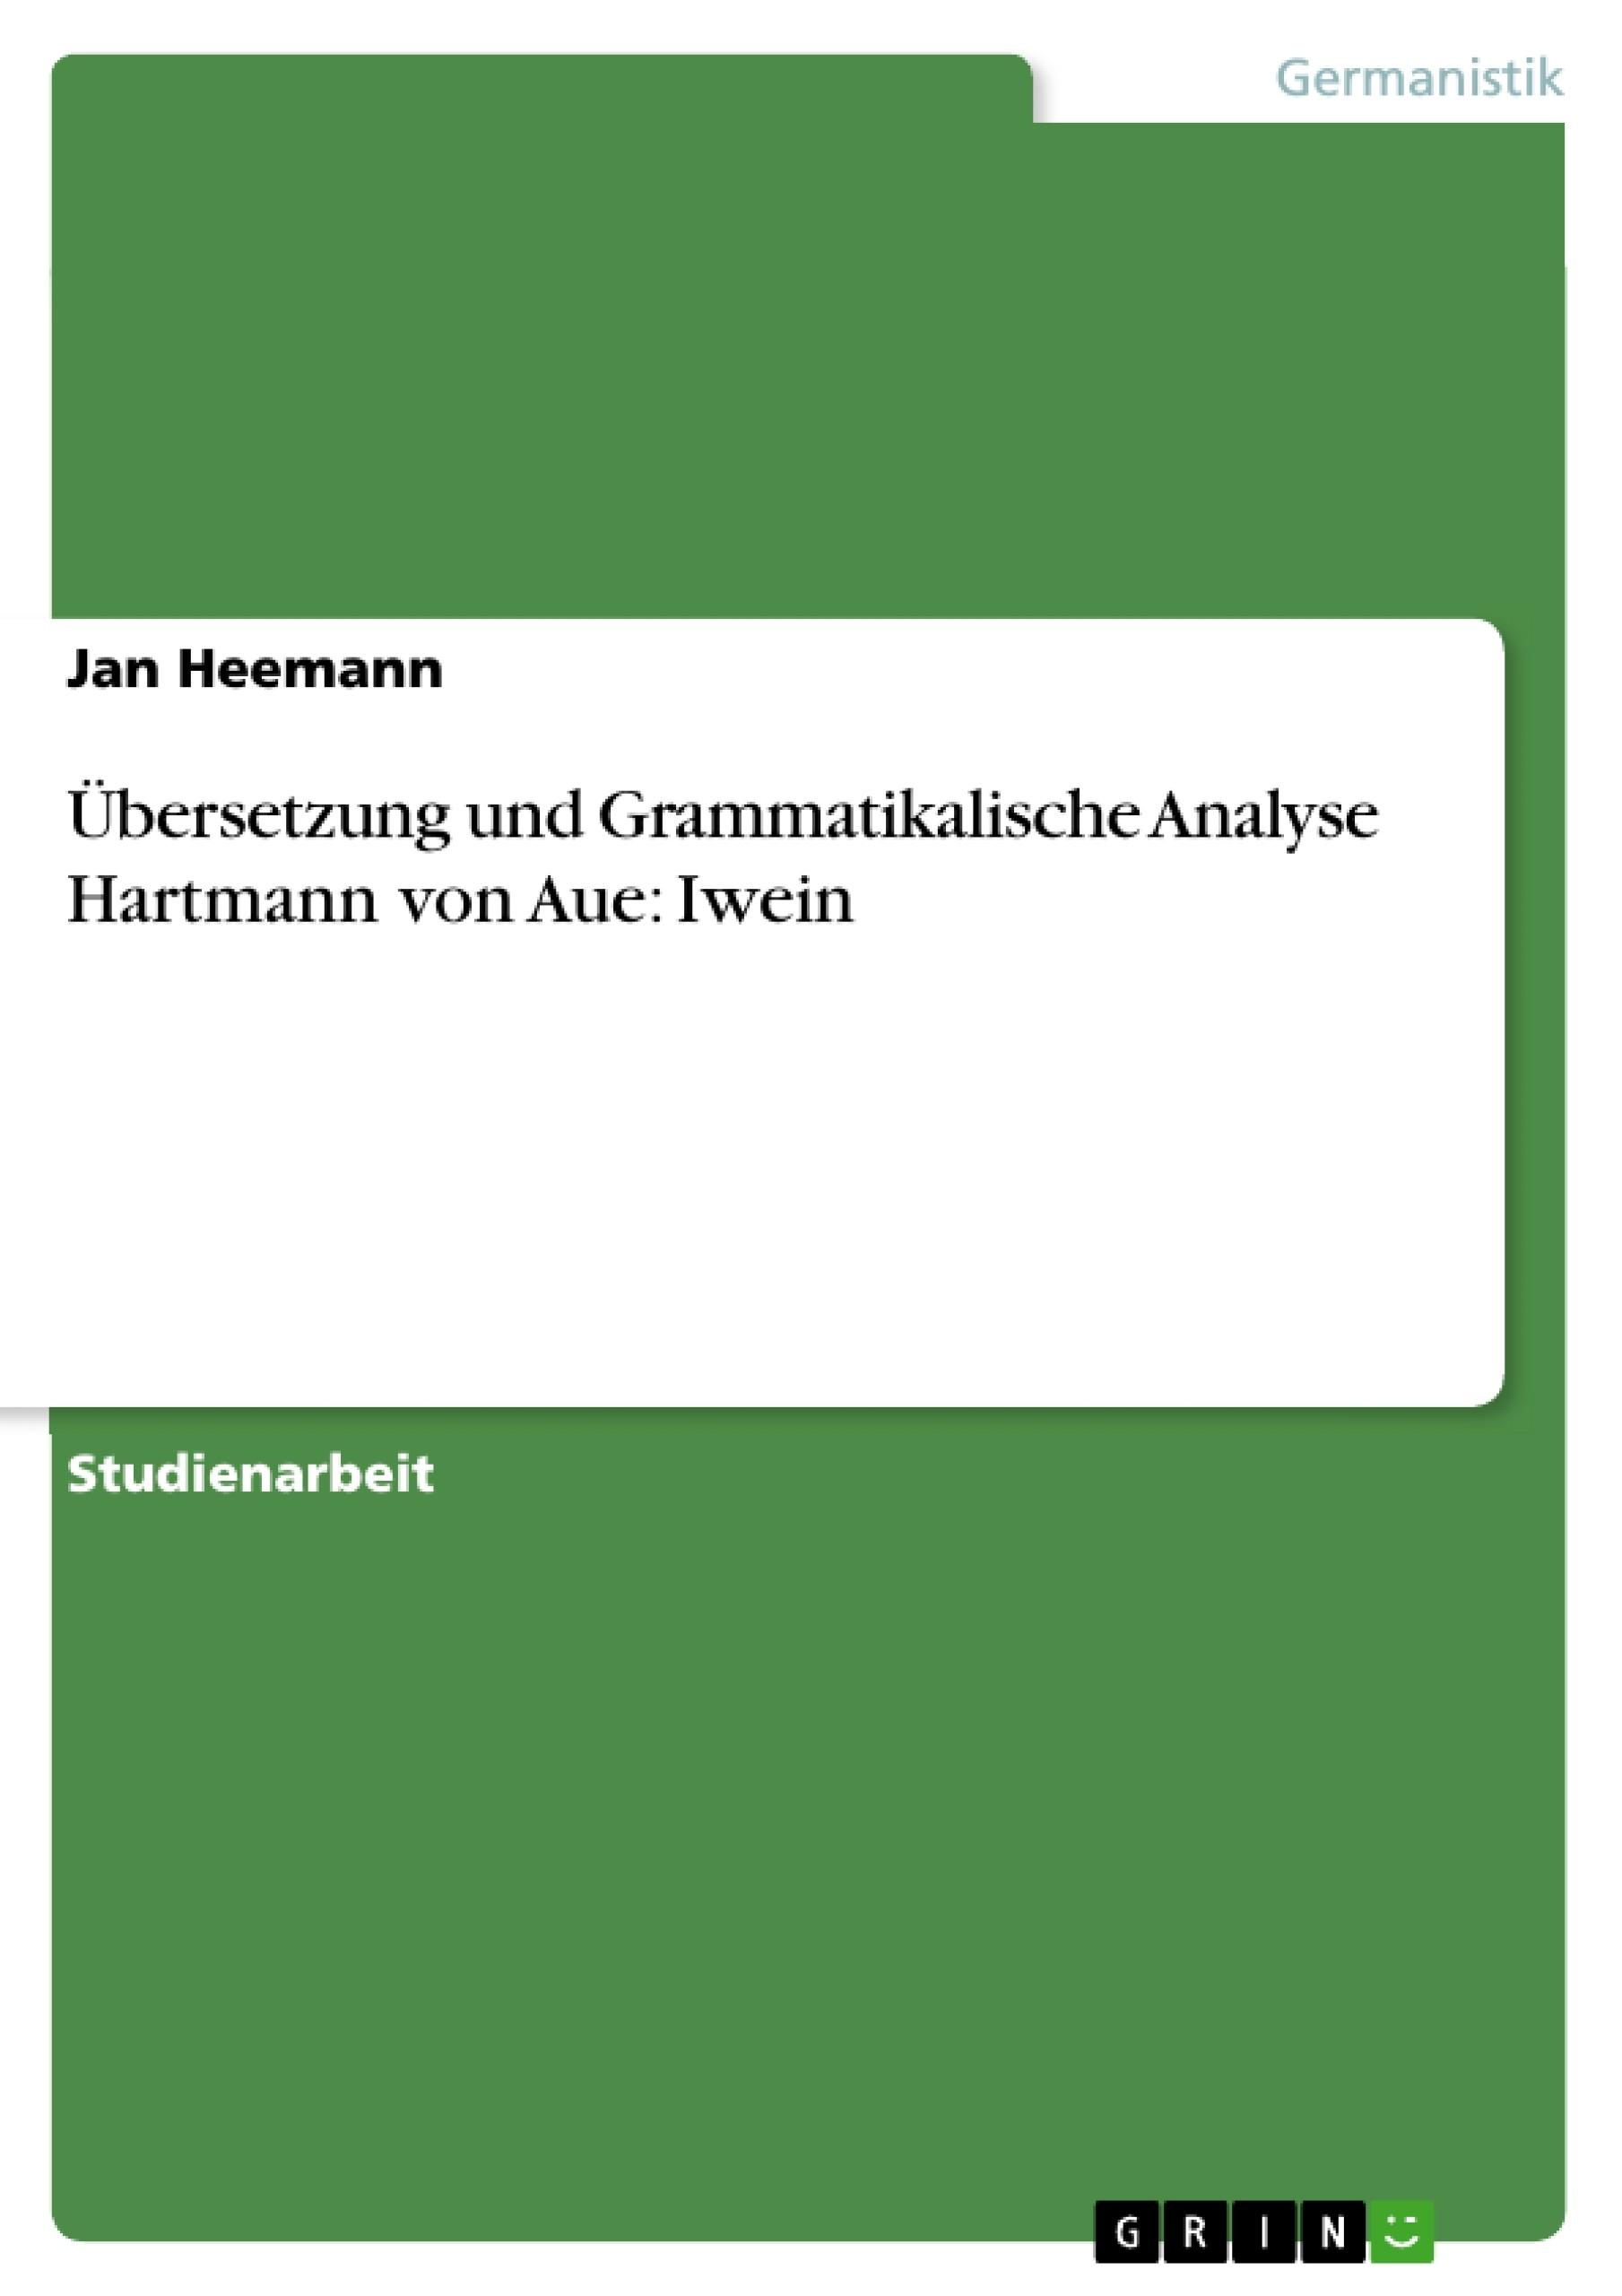 Titel: Übersetzung und Grammatikalische Analyse Hartmann von Aue: Iwein